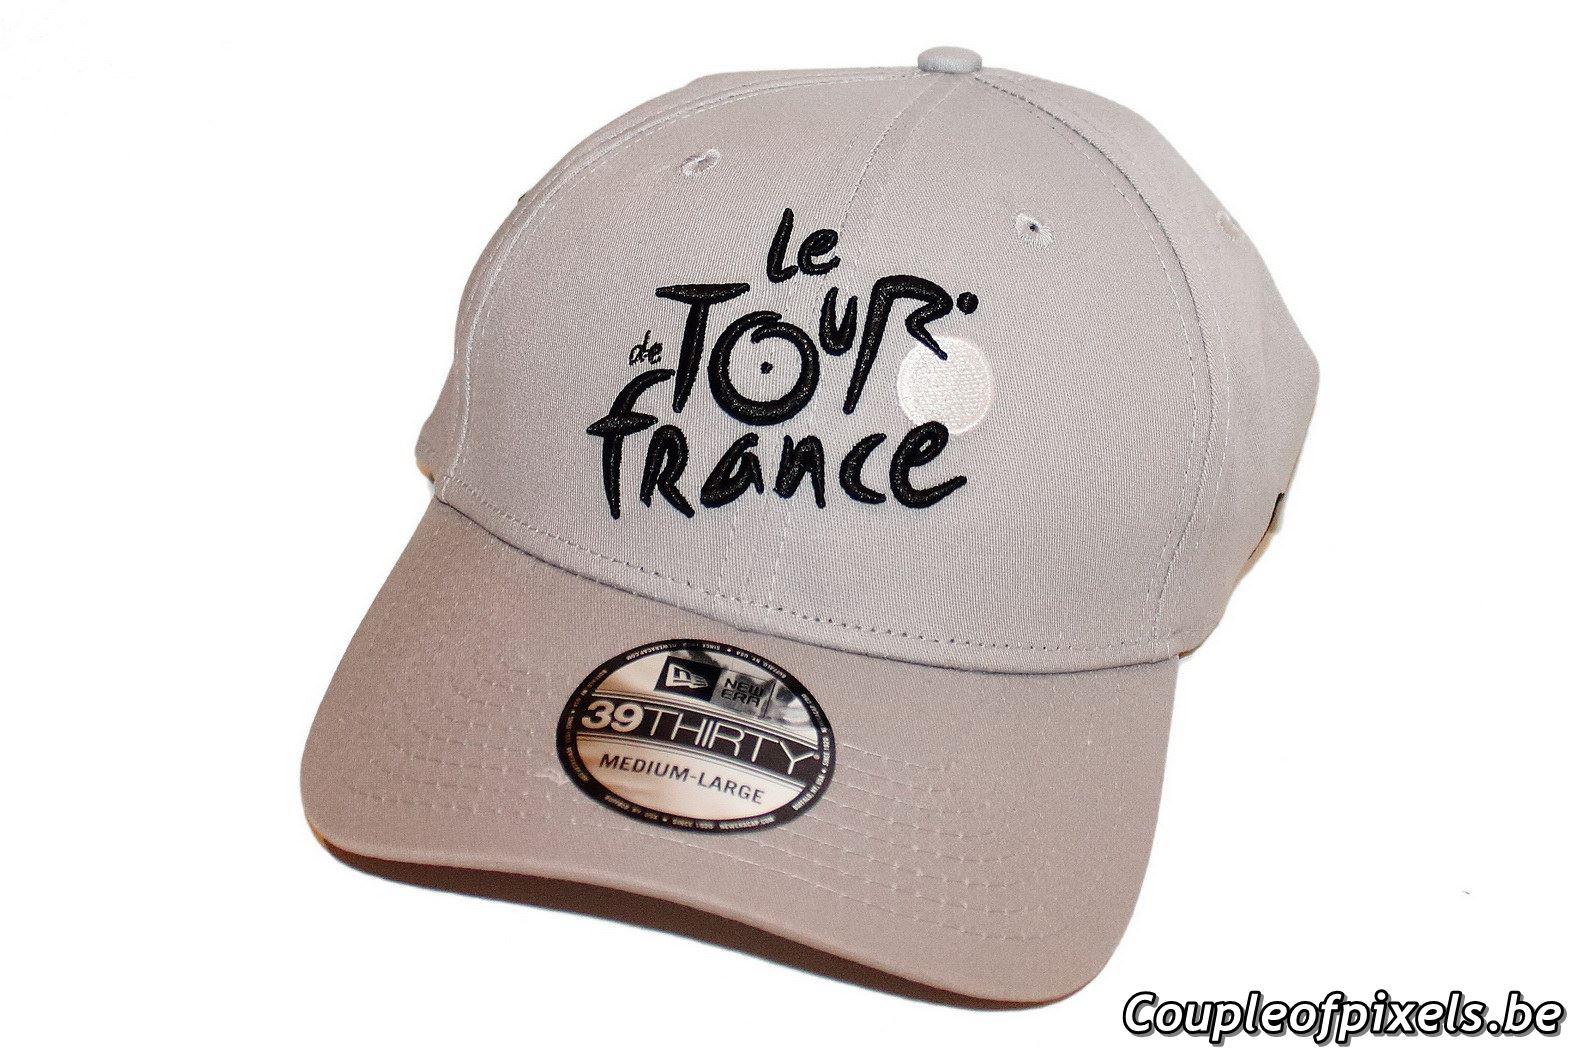 Tour de France Press Kit - Unboxing